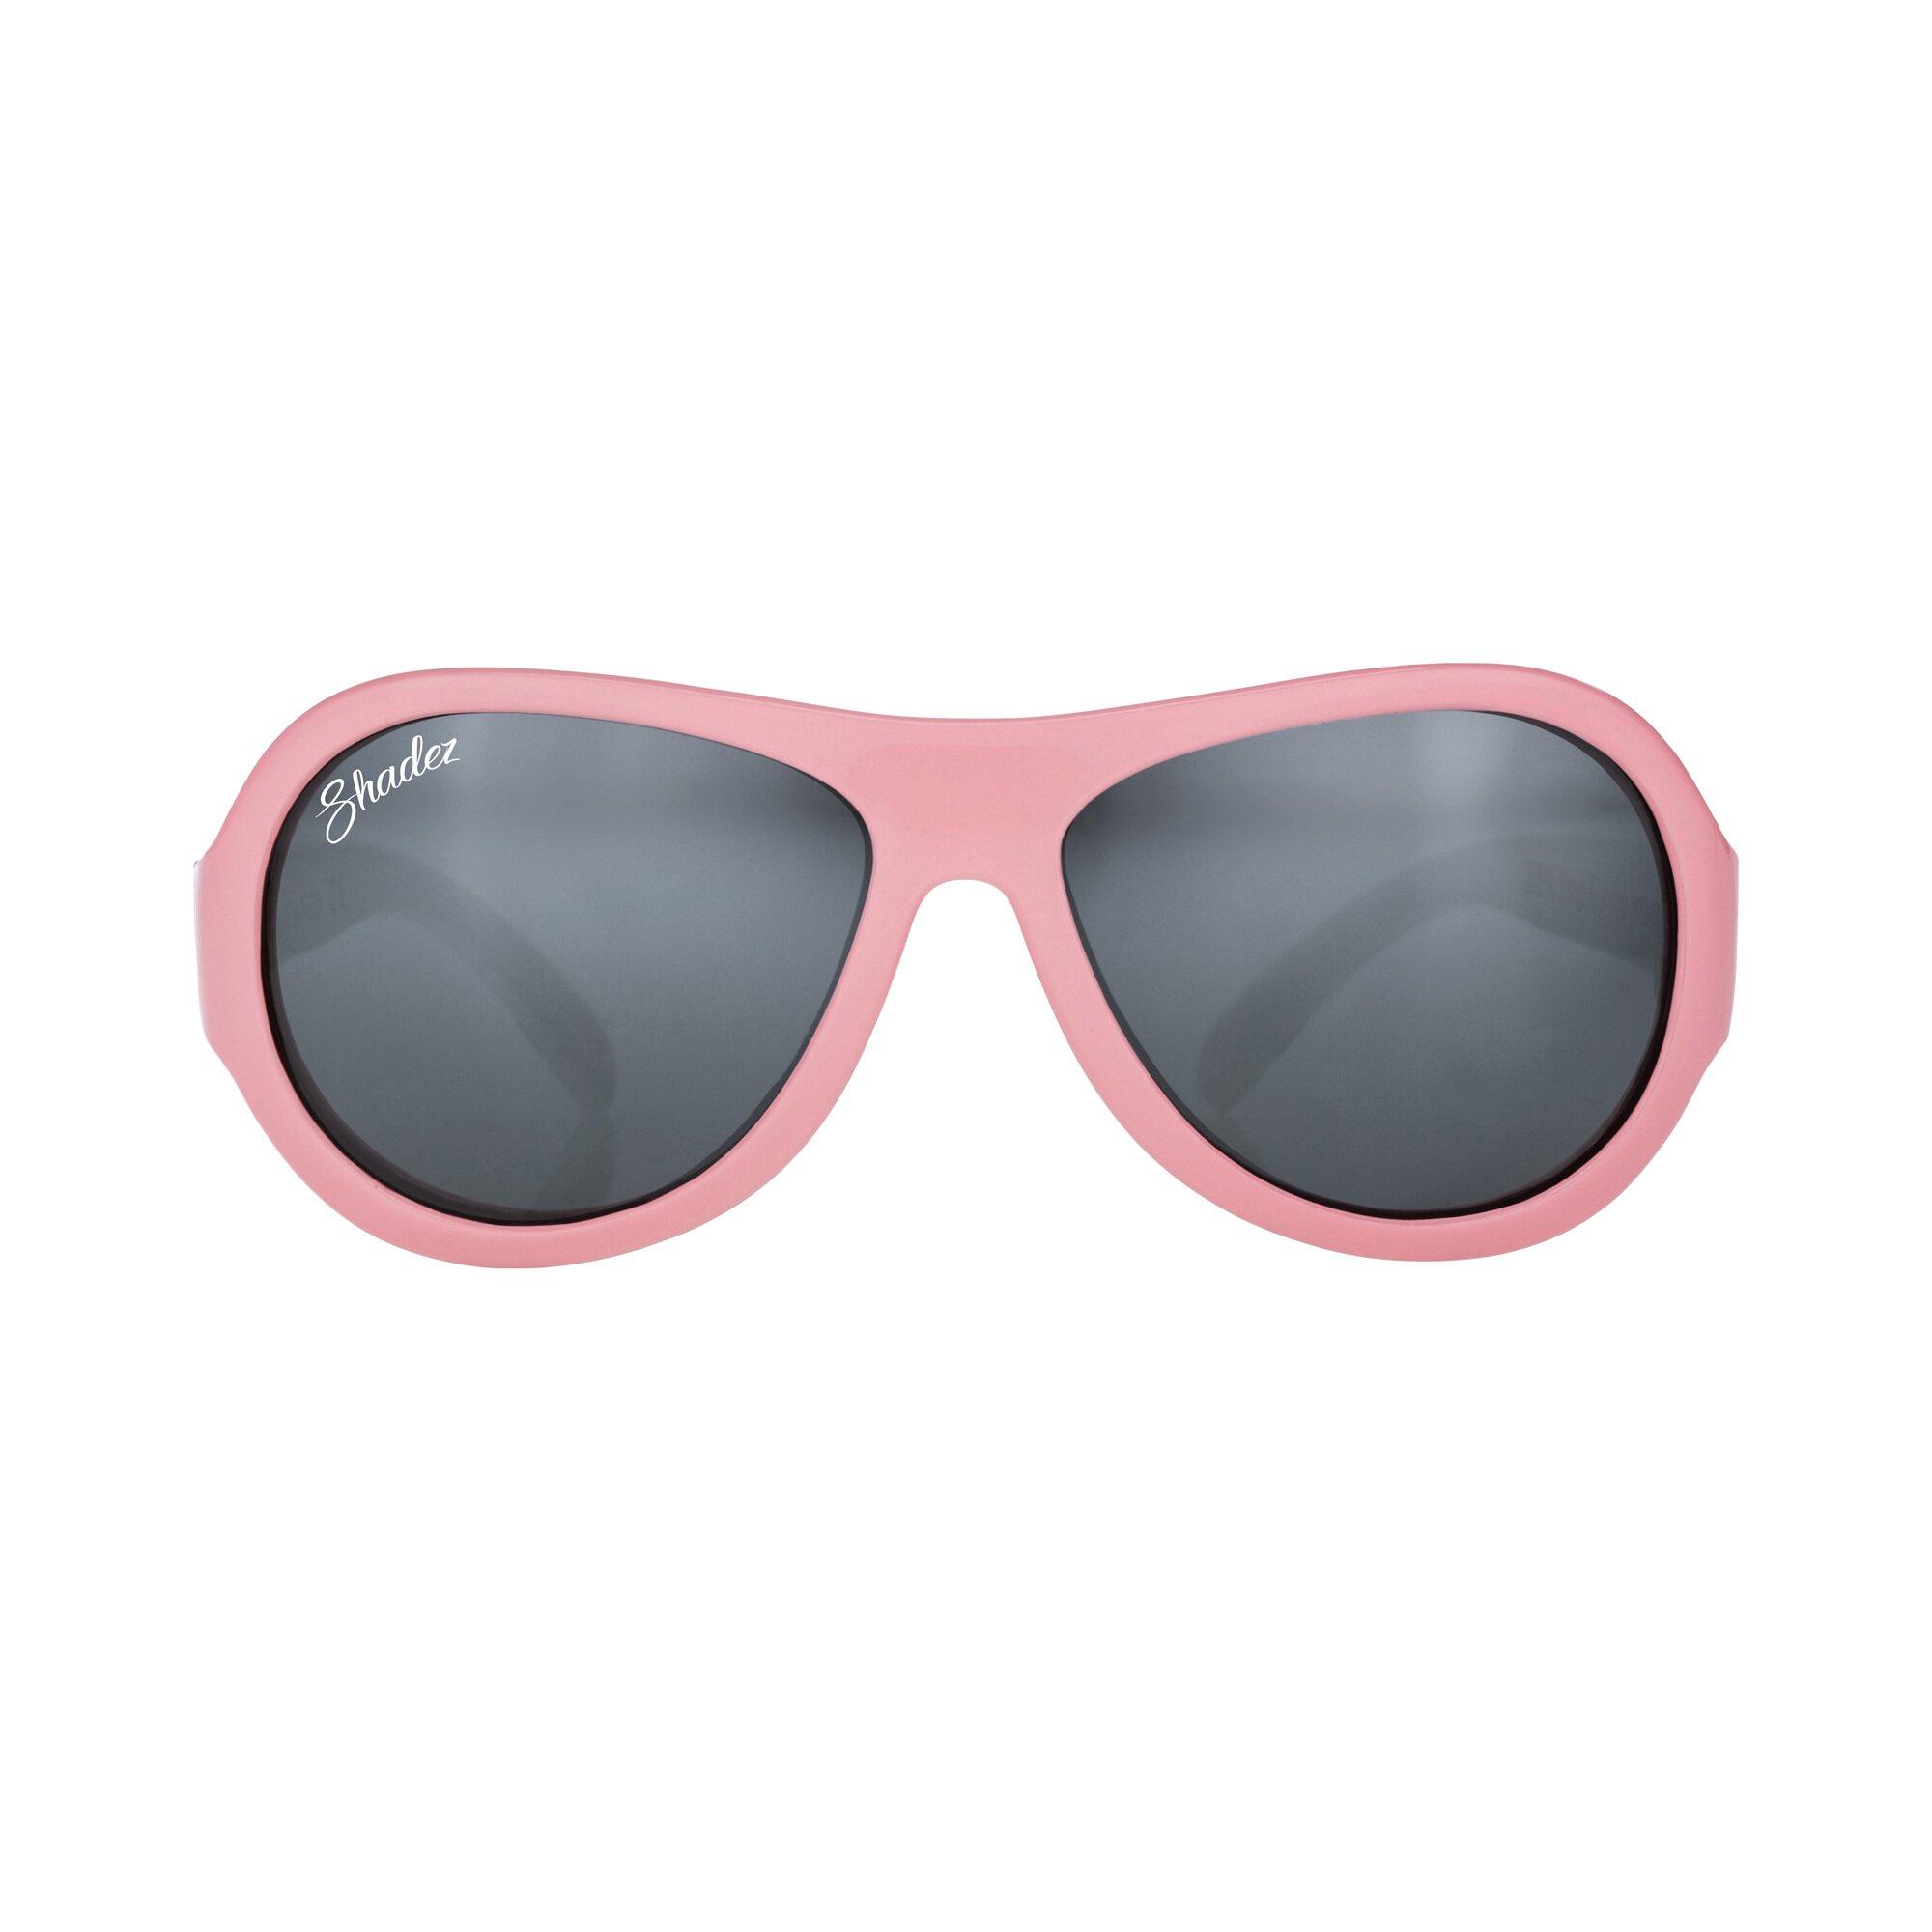 shadez-sonnenbrille-eule-baby-0-3-jahre